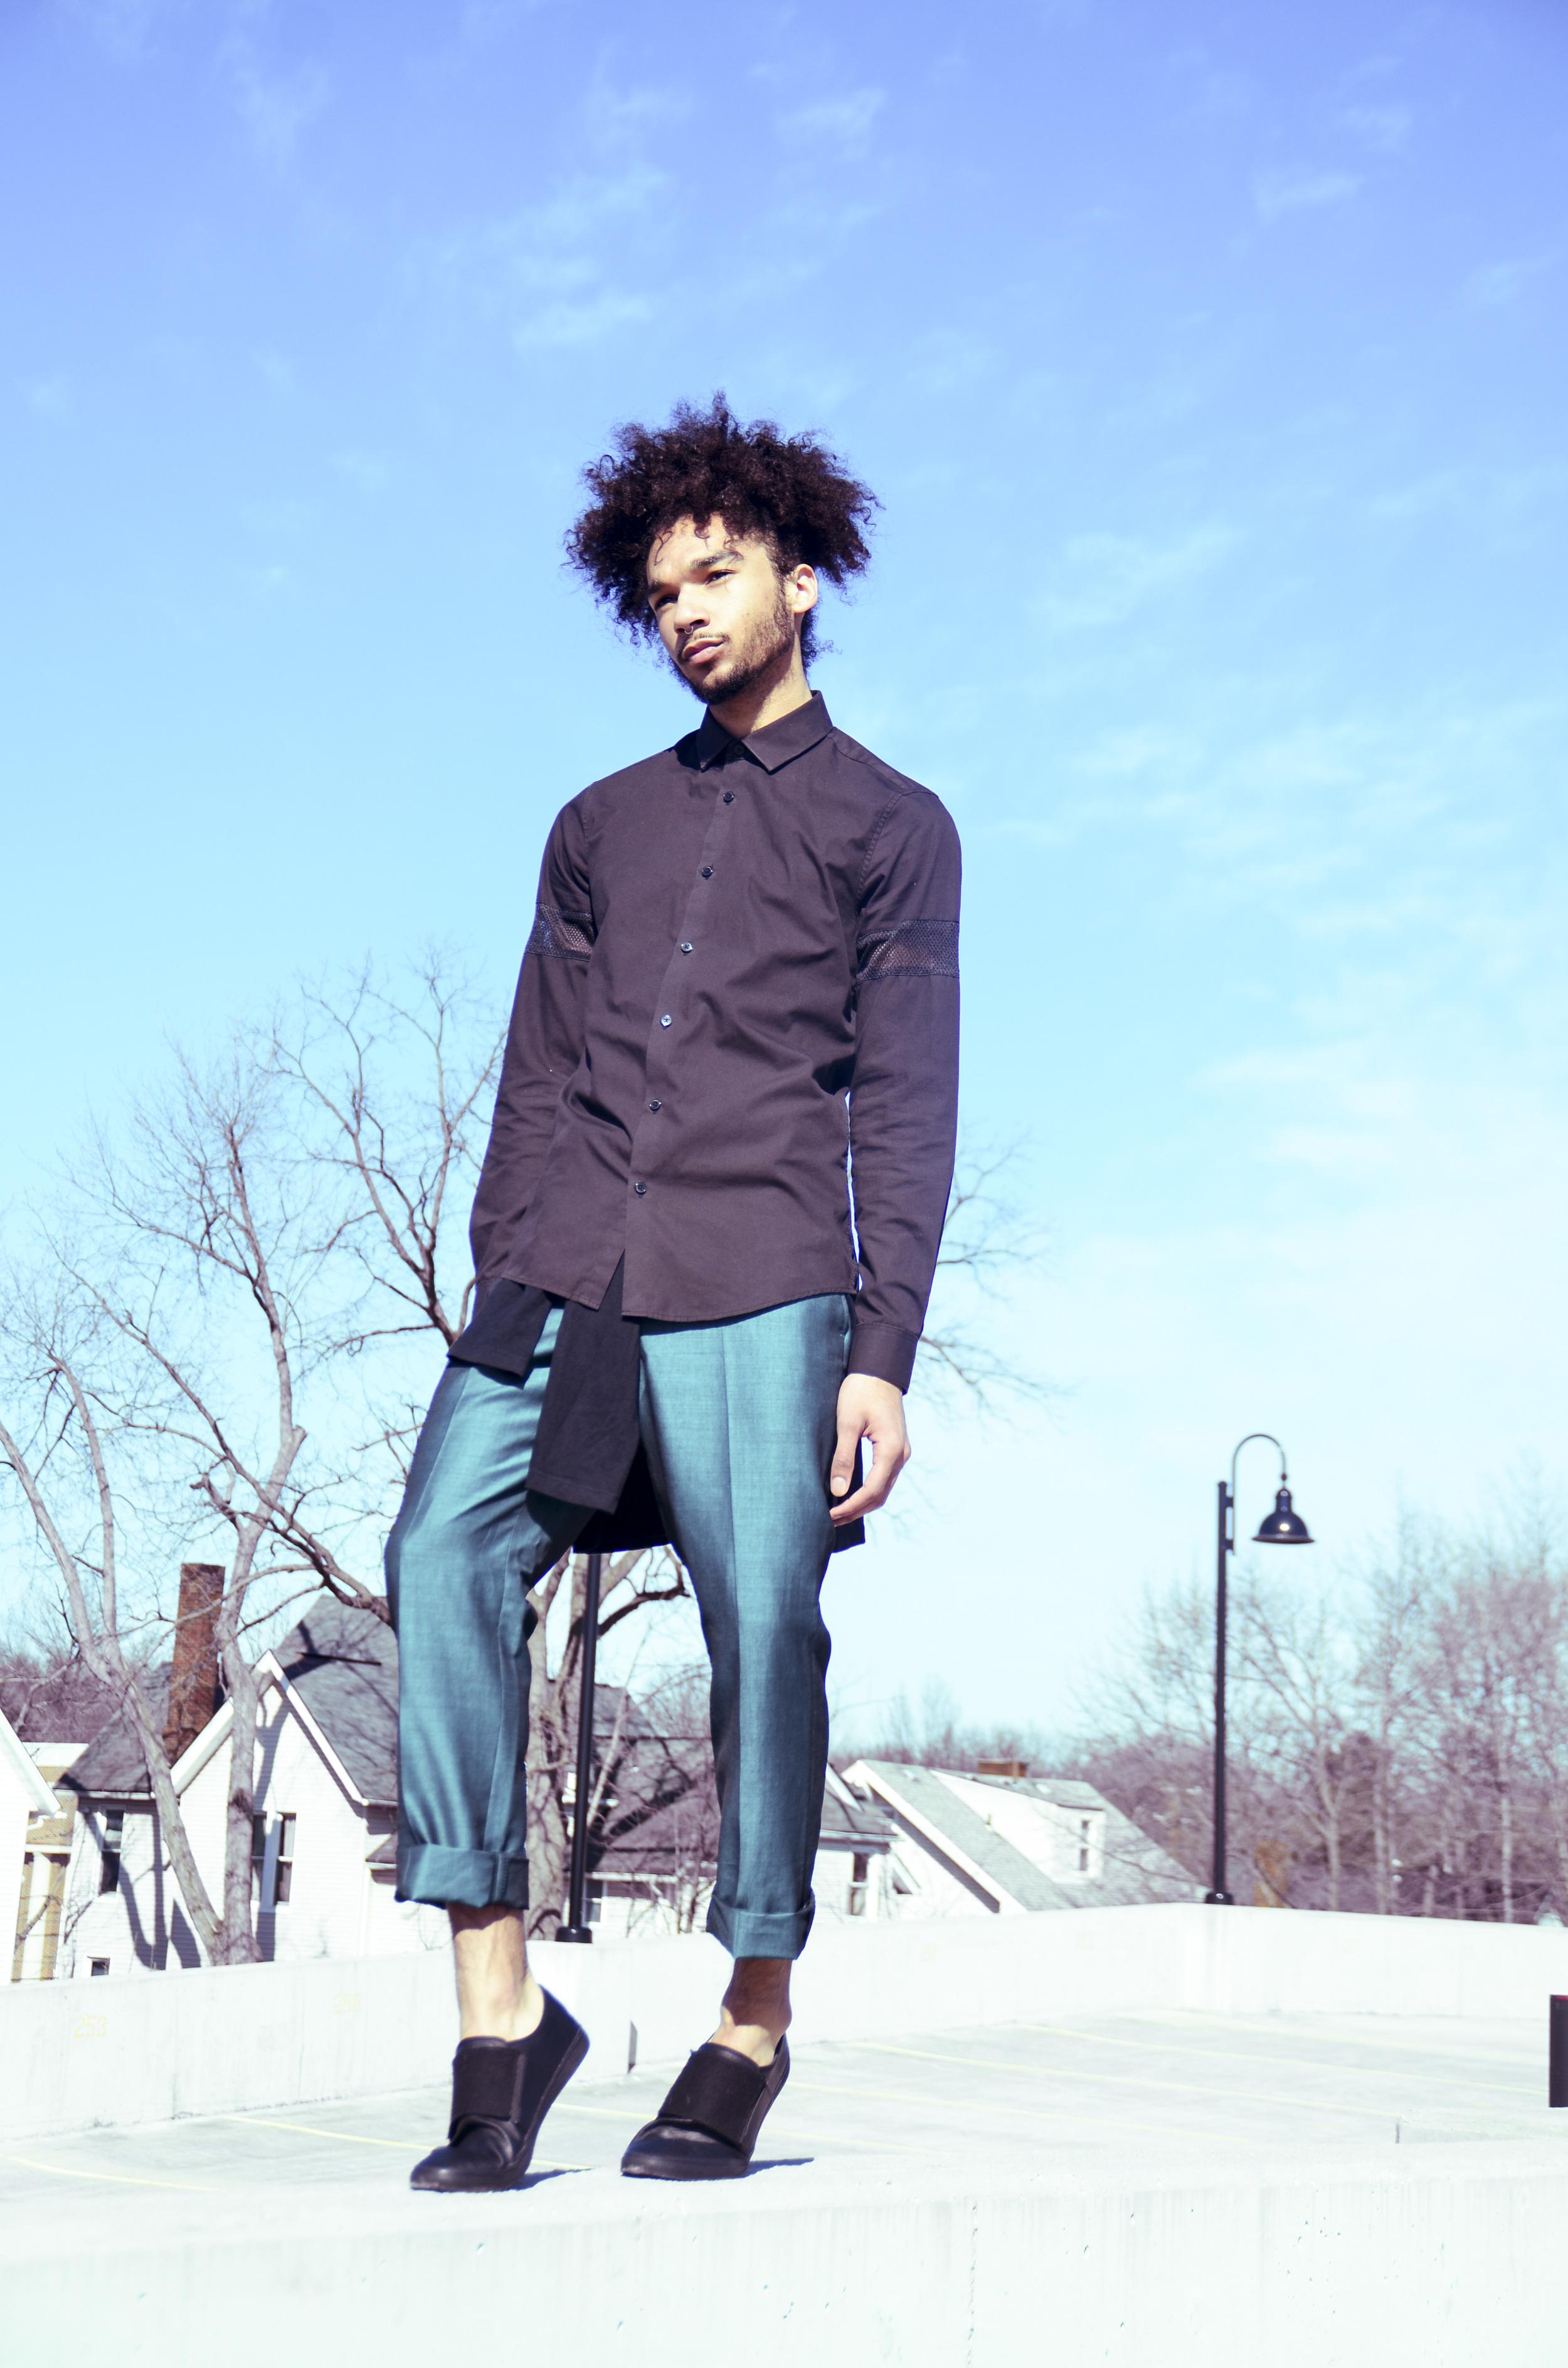 Shirt - ASOS ( asos.com ) | Pants - Lambretta ( lambretta-fashion.com )